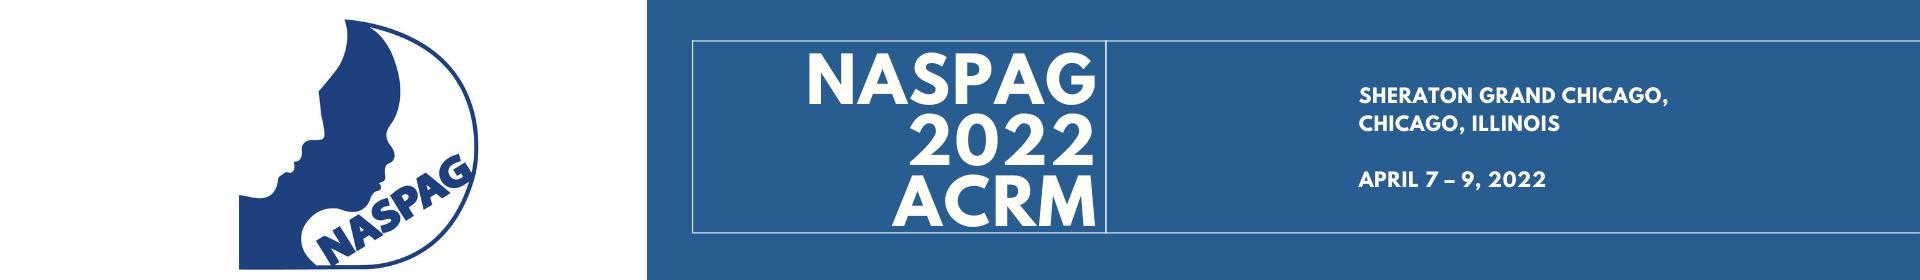 NASPAG 2022 ACRM Event Banner